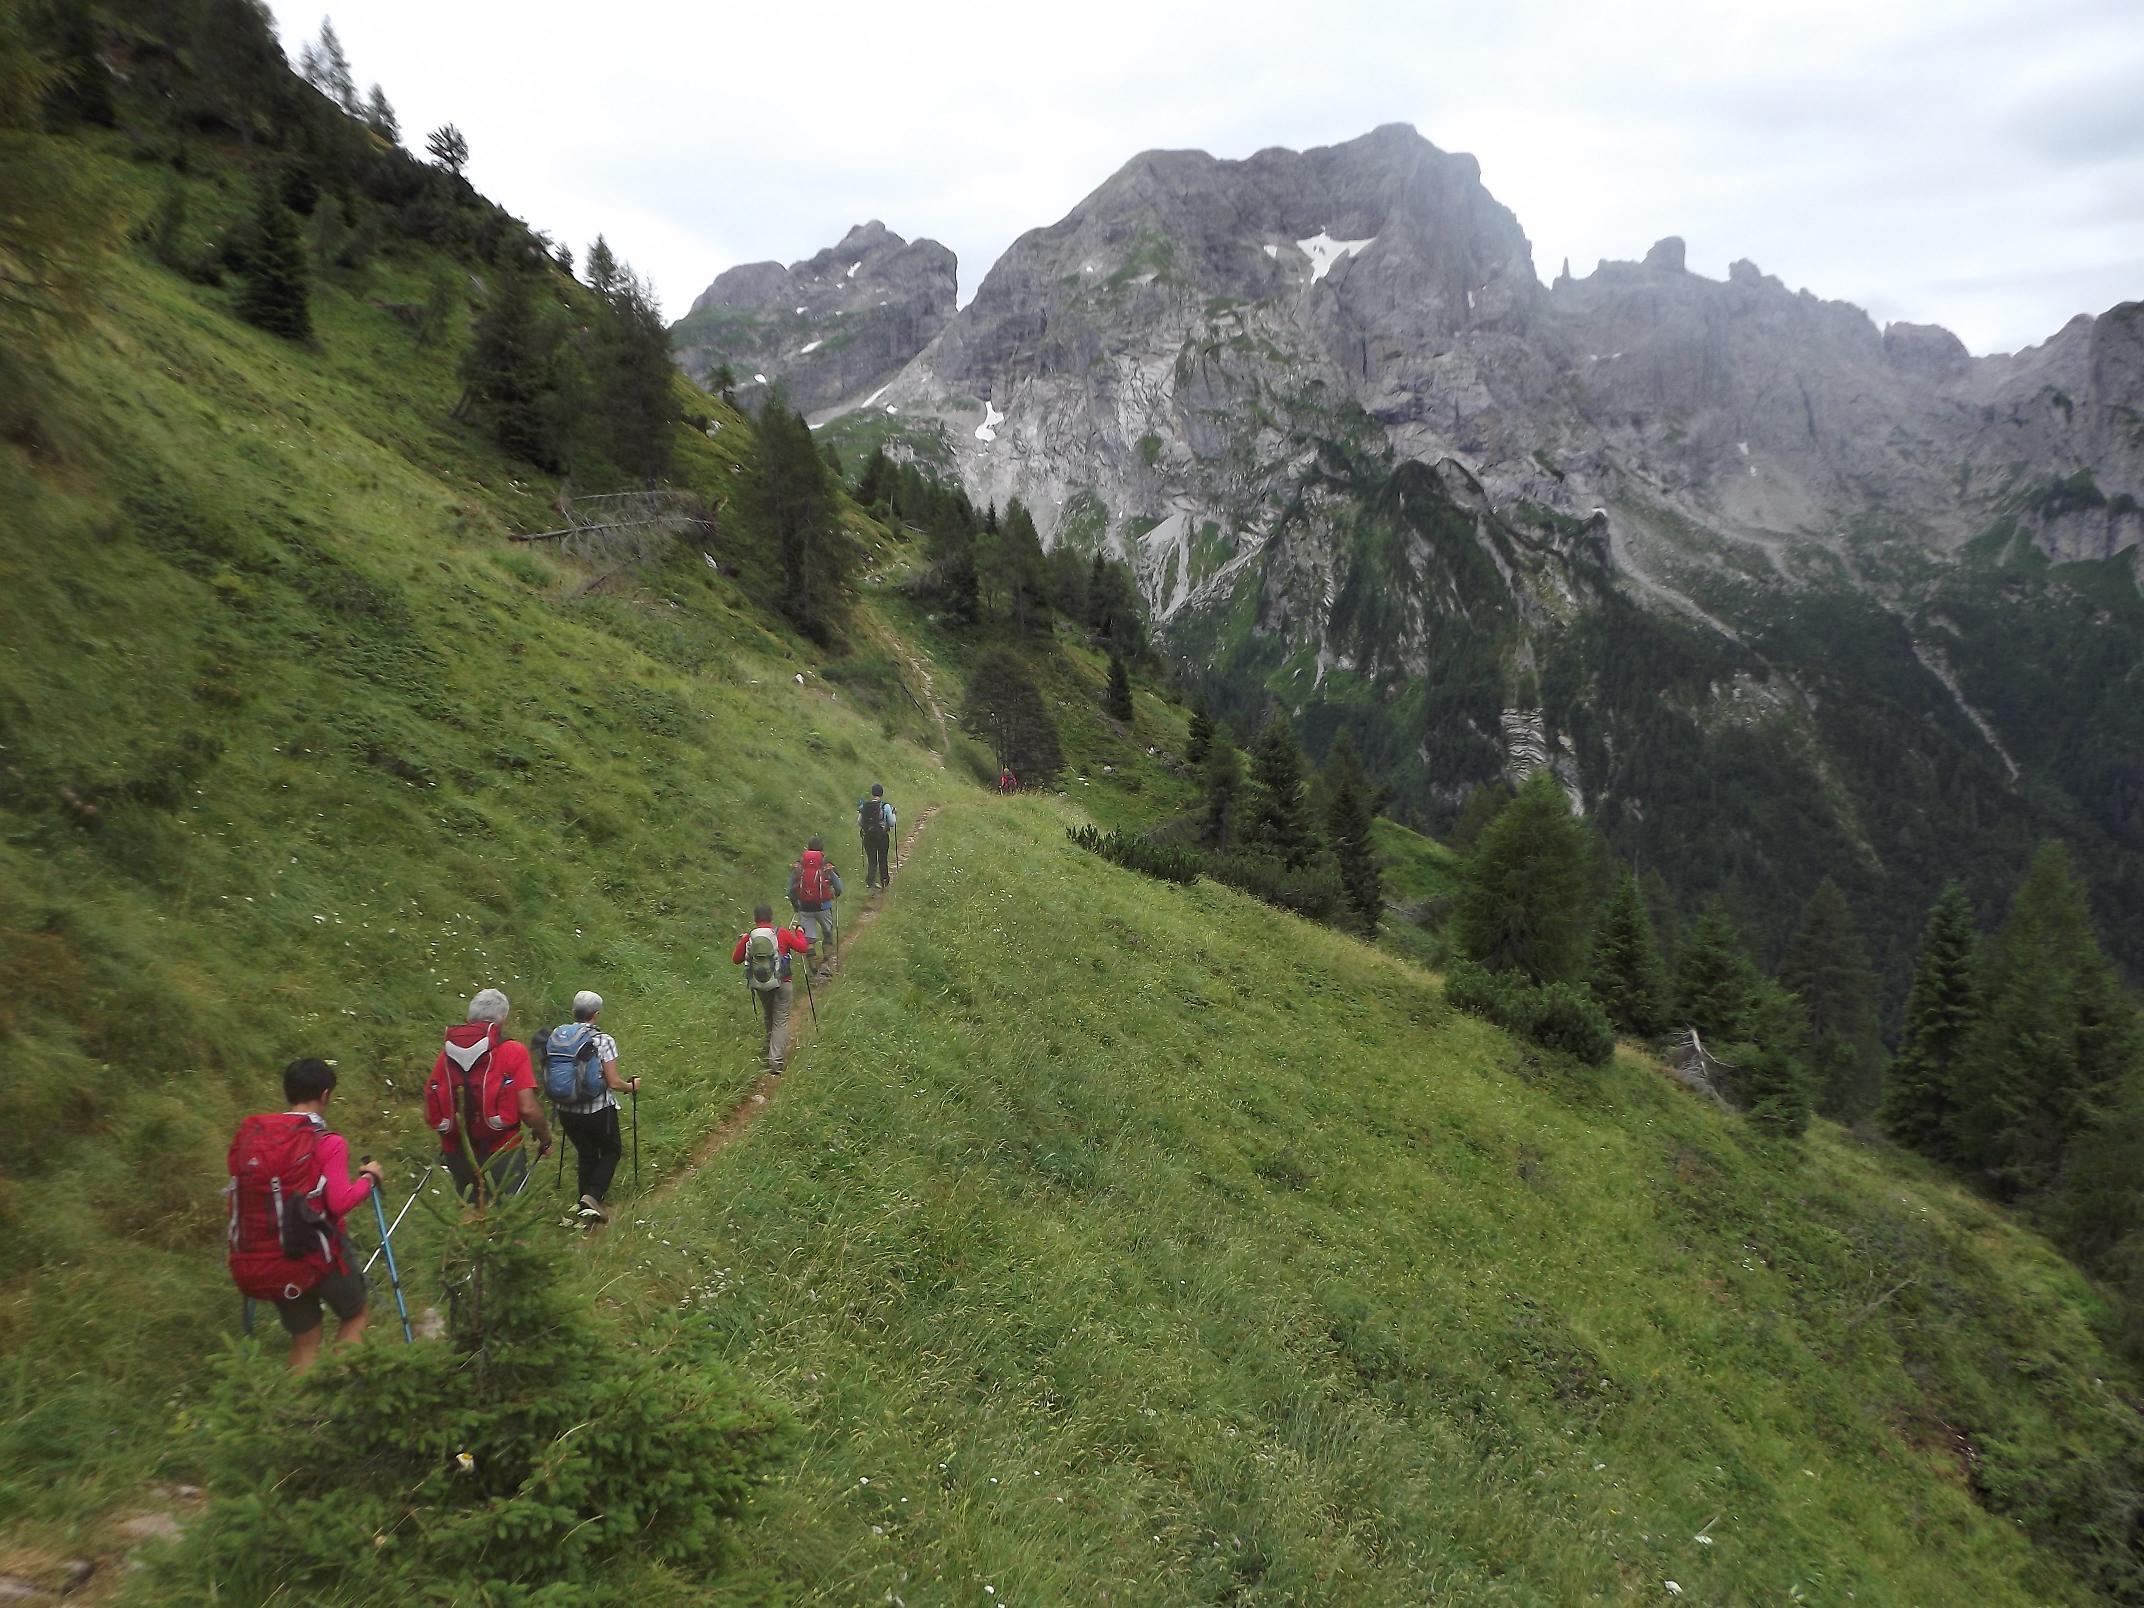 I Parchi delle Alpi in treno – Trekking nel Parco Nazionale Dolomiti Bellunesi